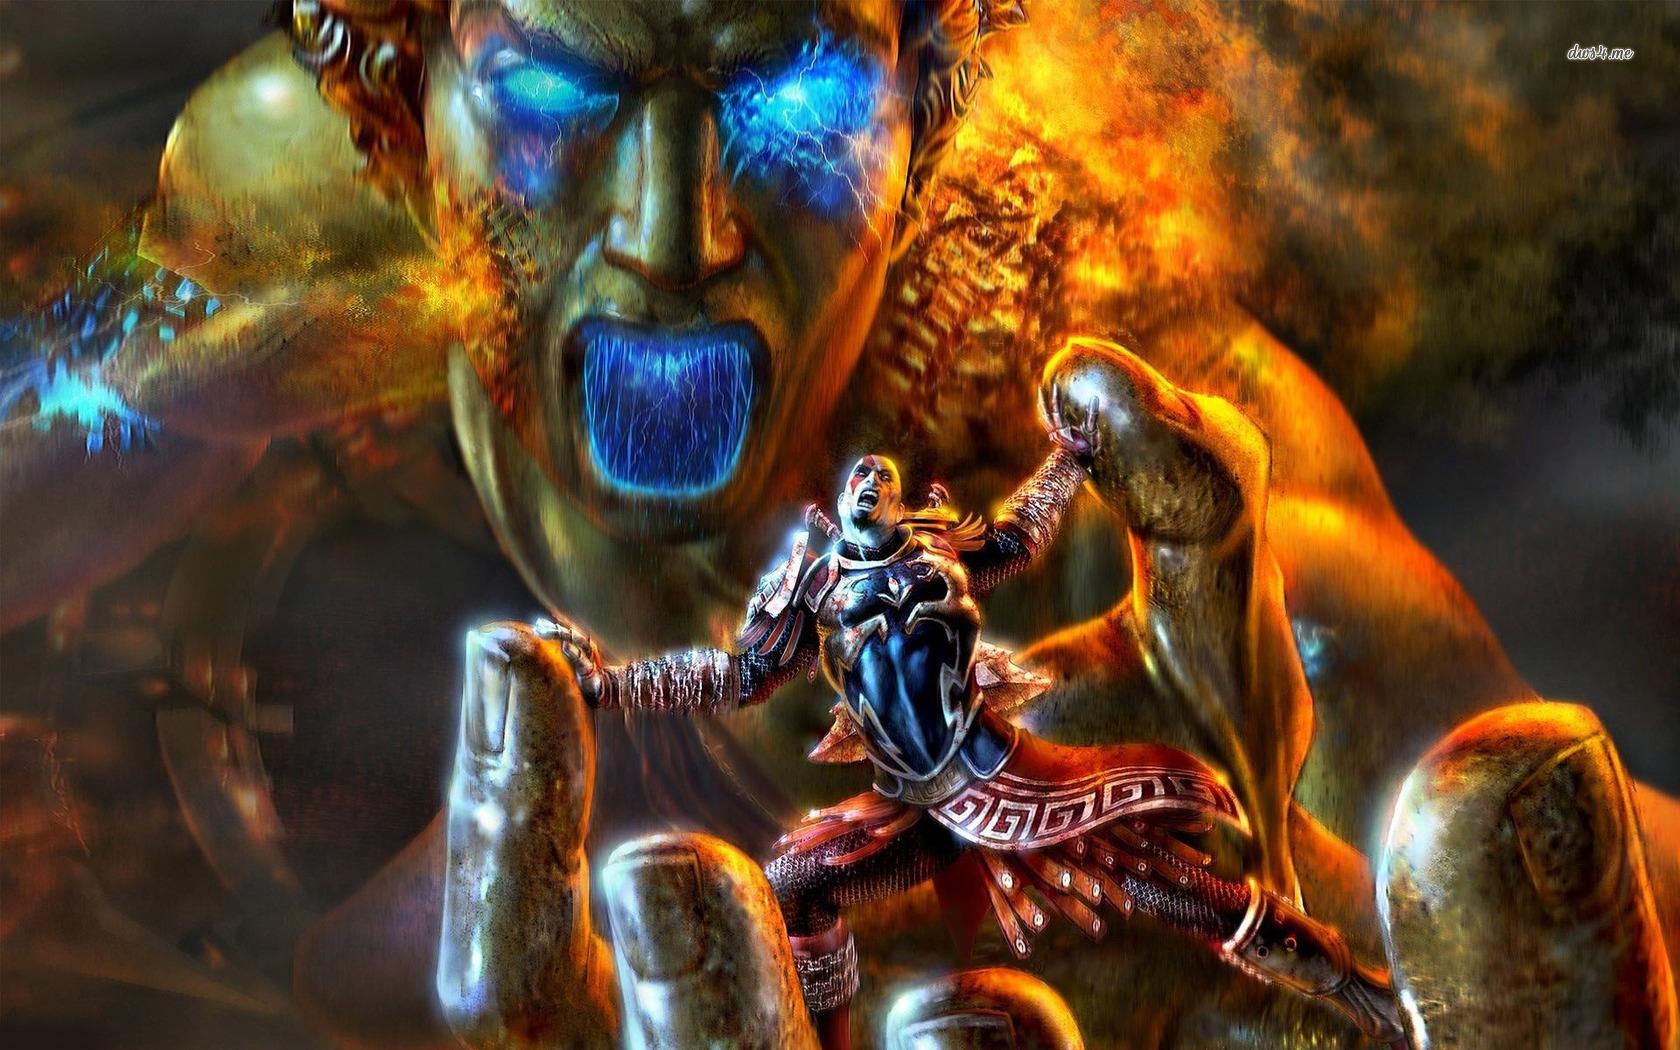 15+ God Of War Game 4K Wallpaper Pics